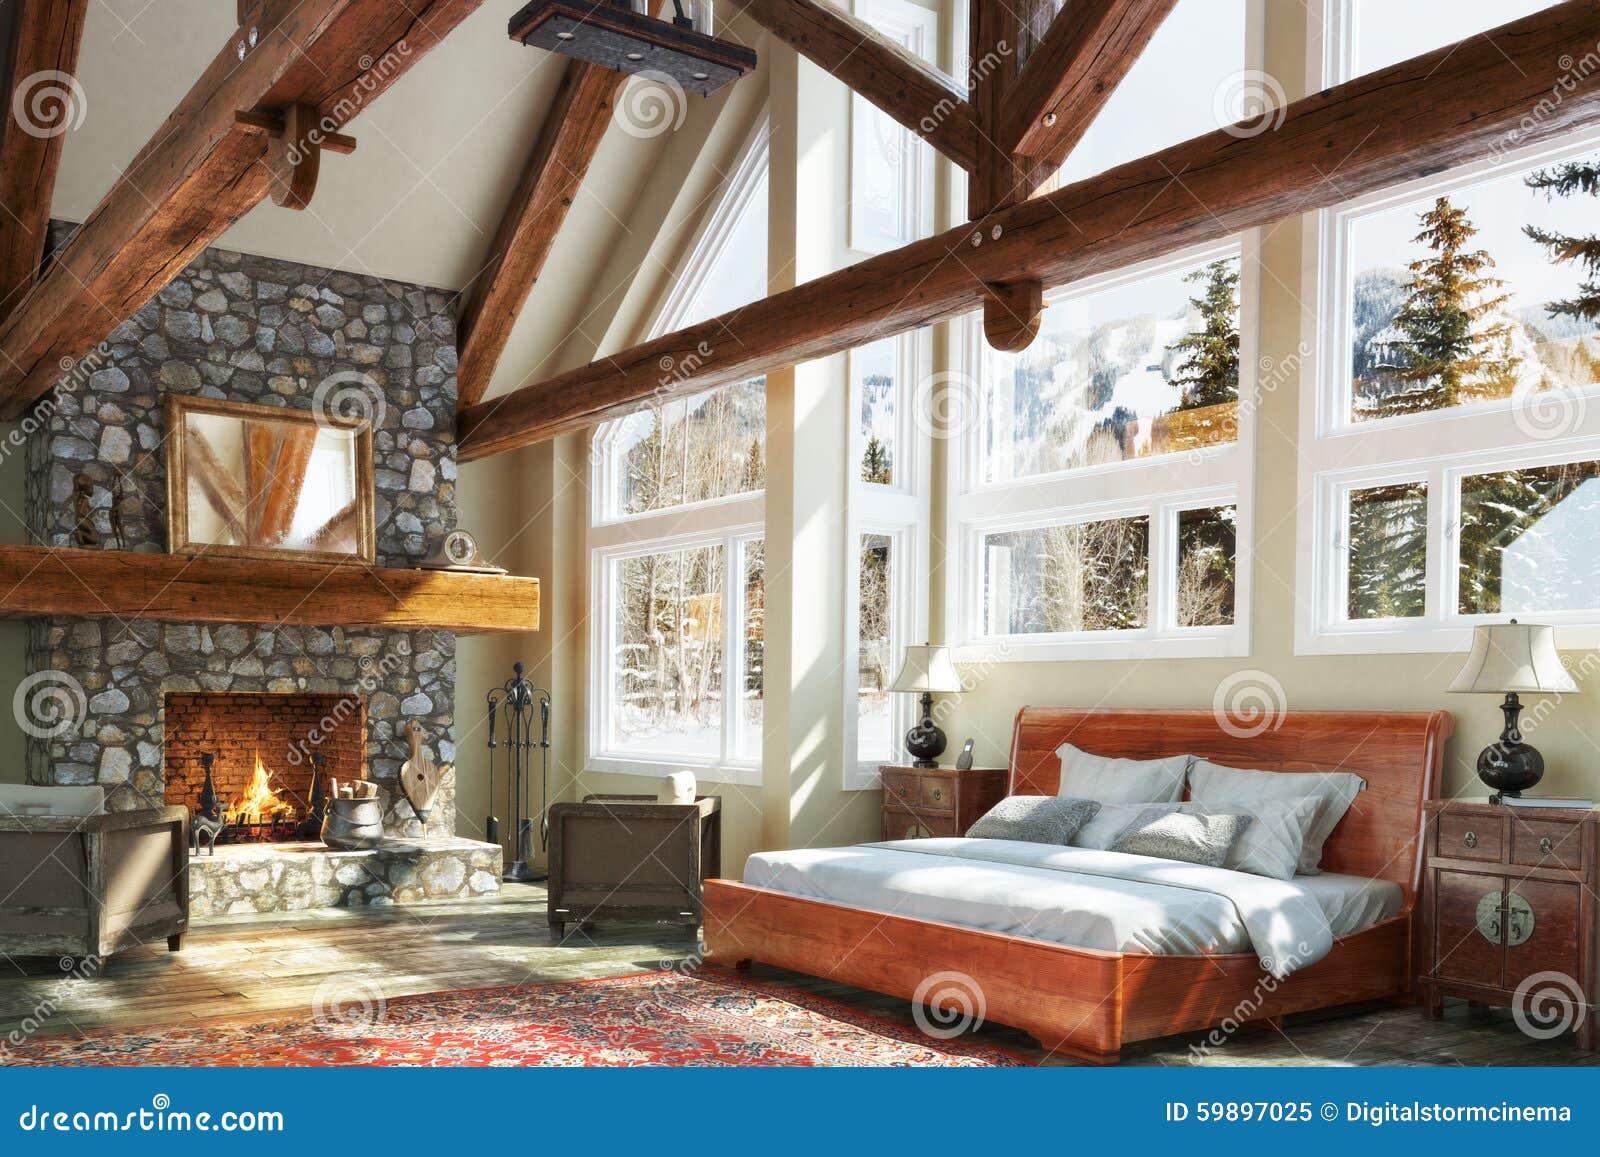 Luxurious open floor cabin interior bedroom design